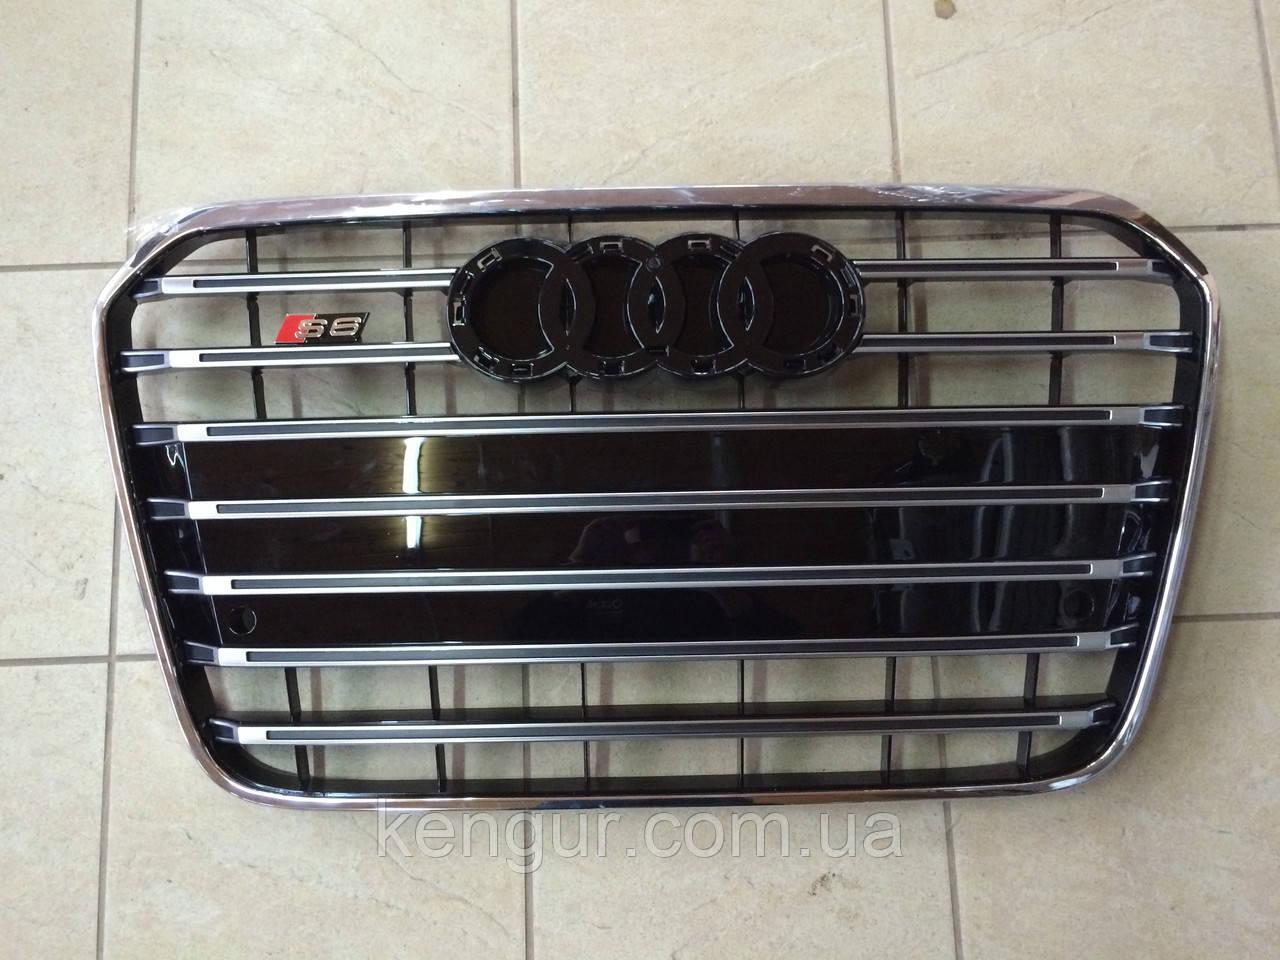 Решітка радіатора Audi A6 C7 2011-2014